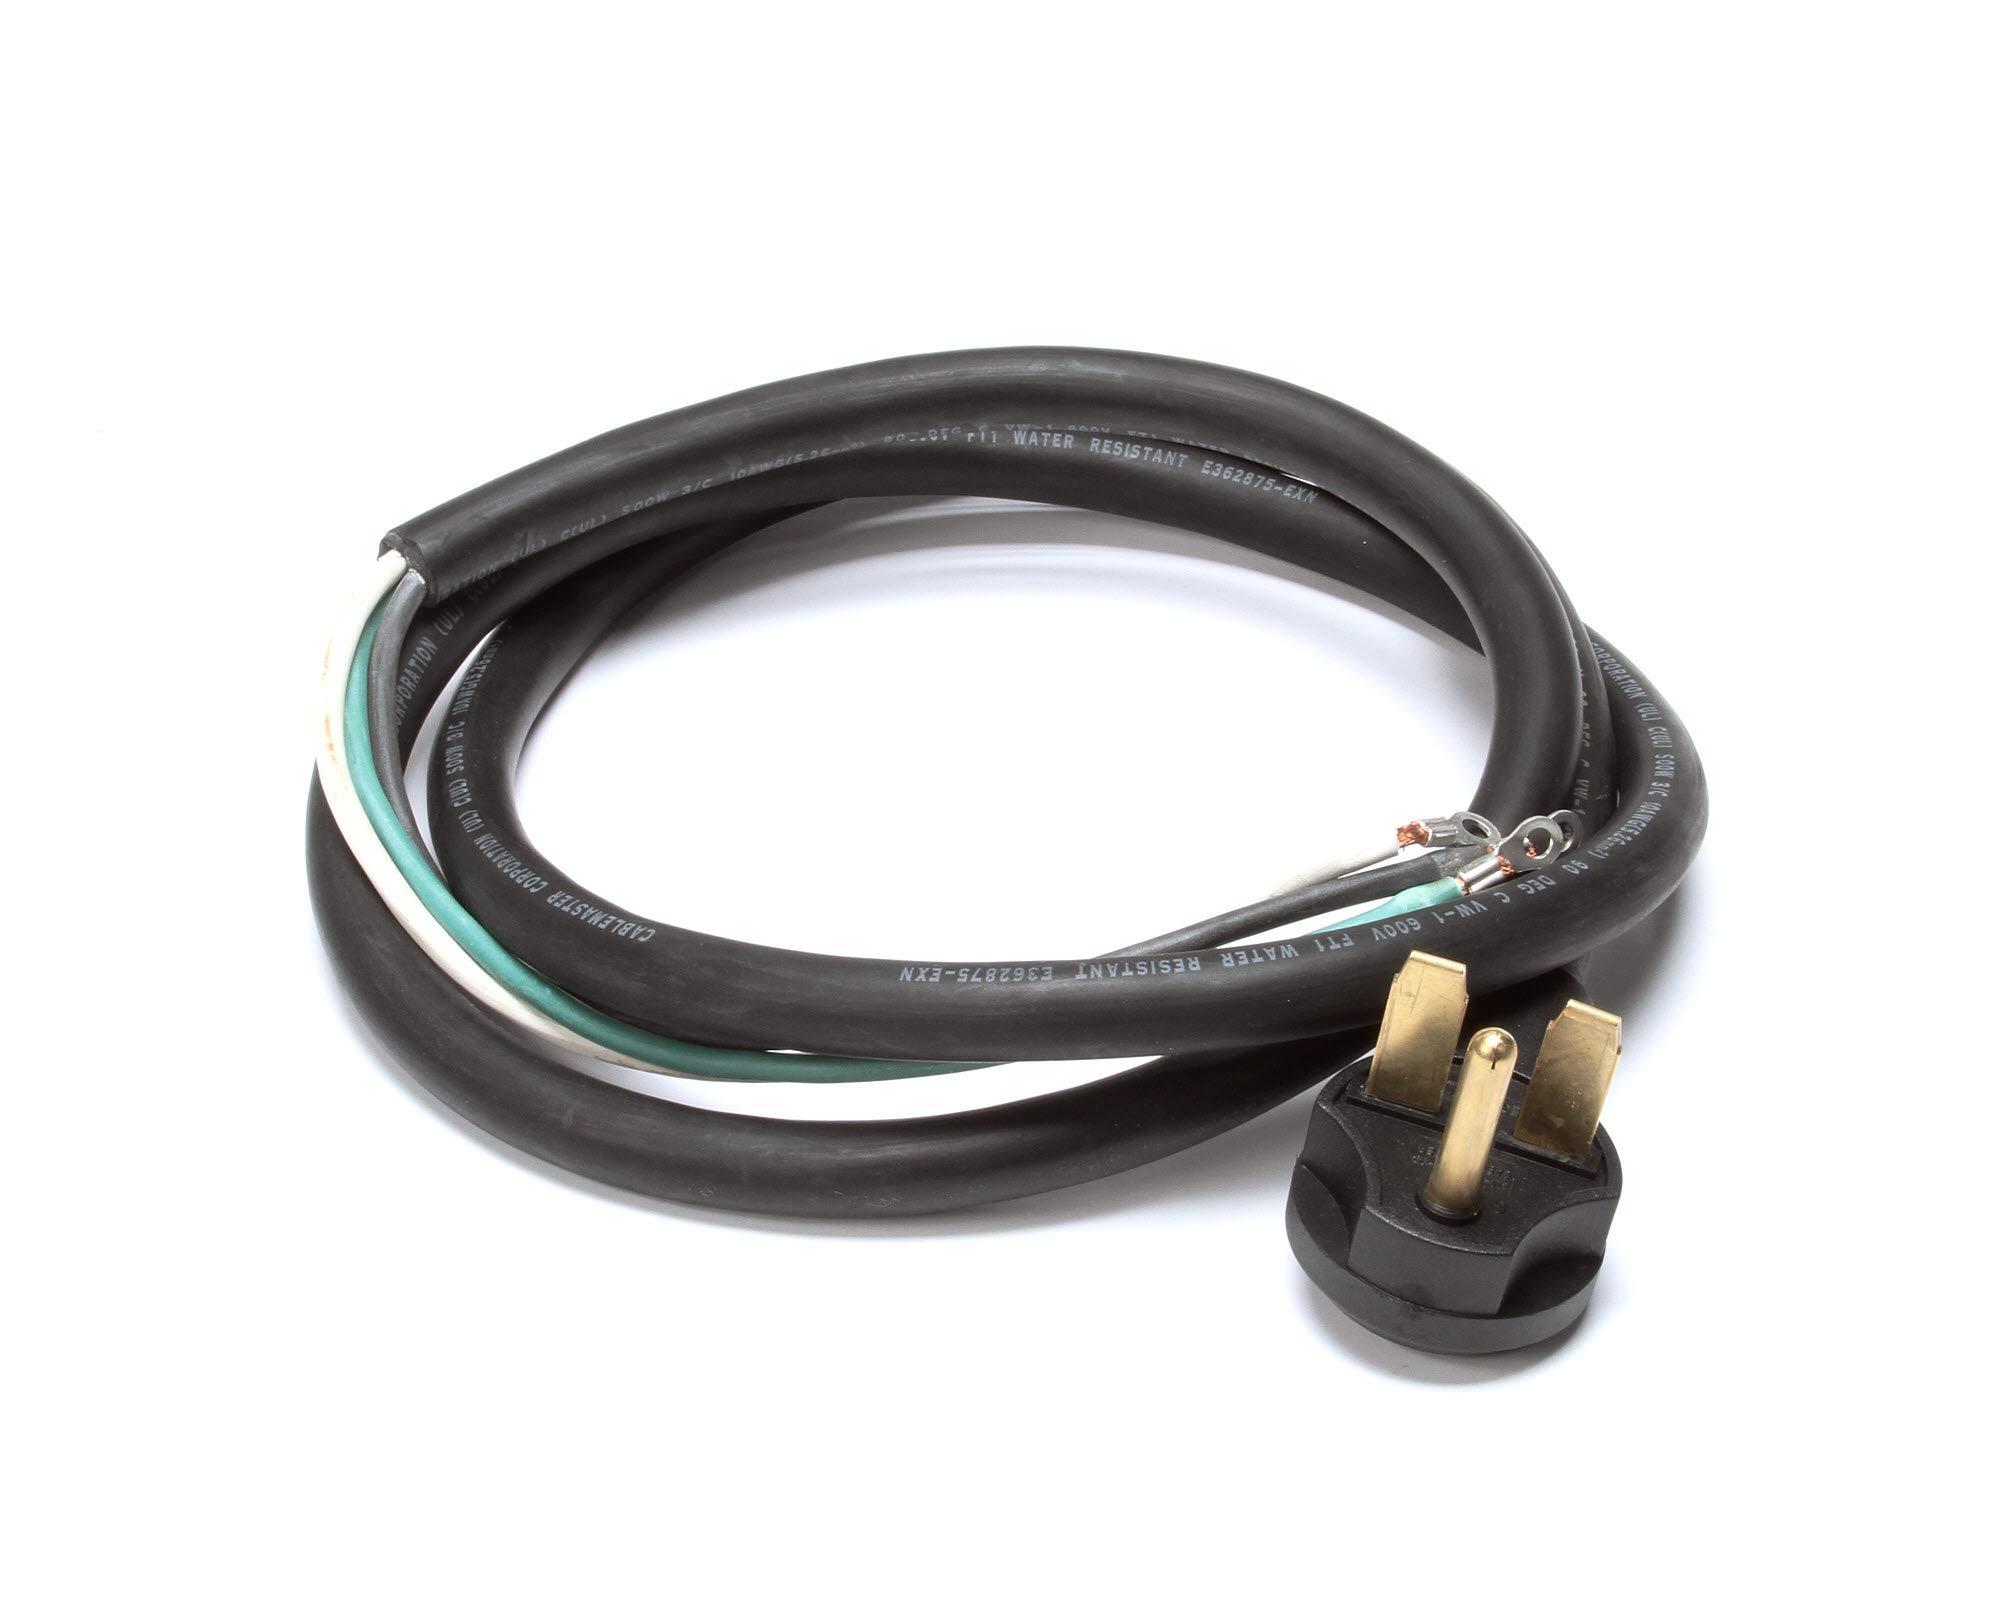 Turbochef 100187 Power Cord Assembly (Nema 6-30)